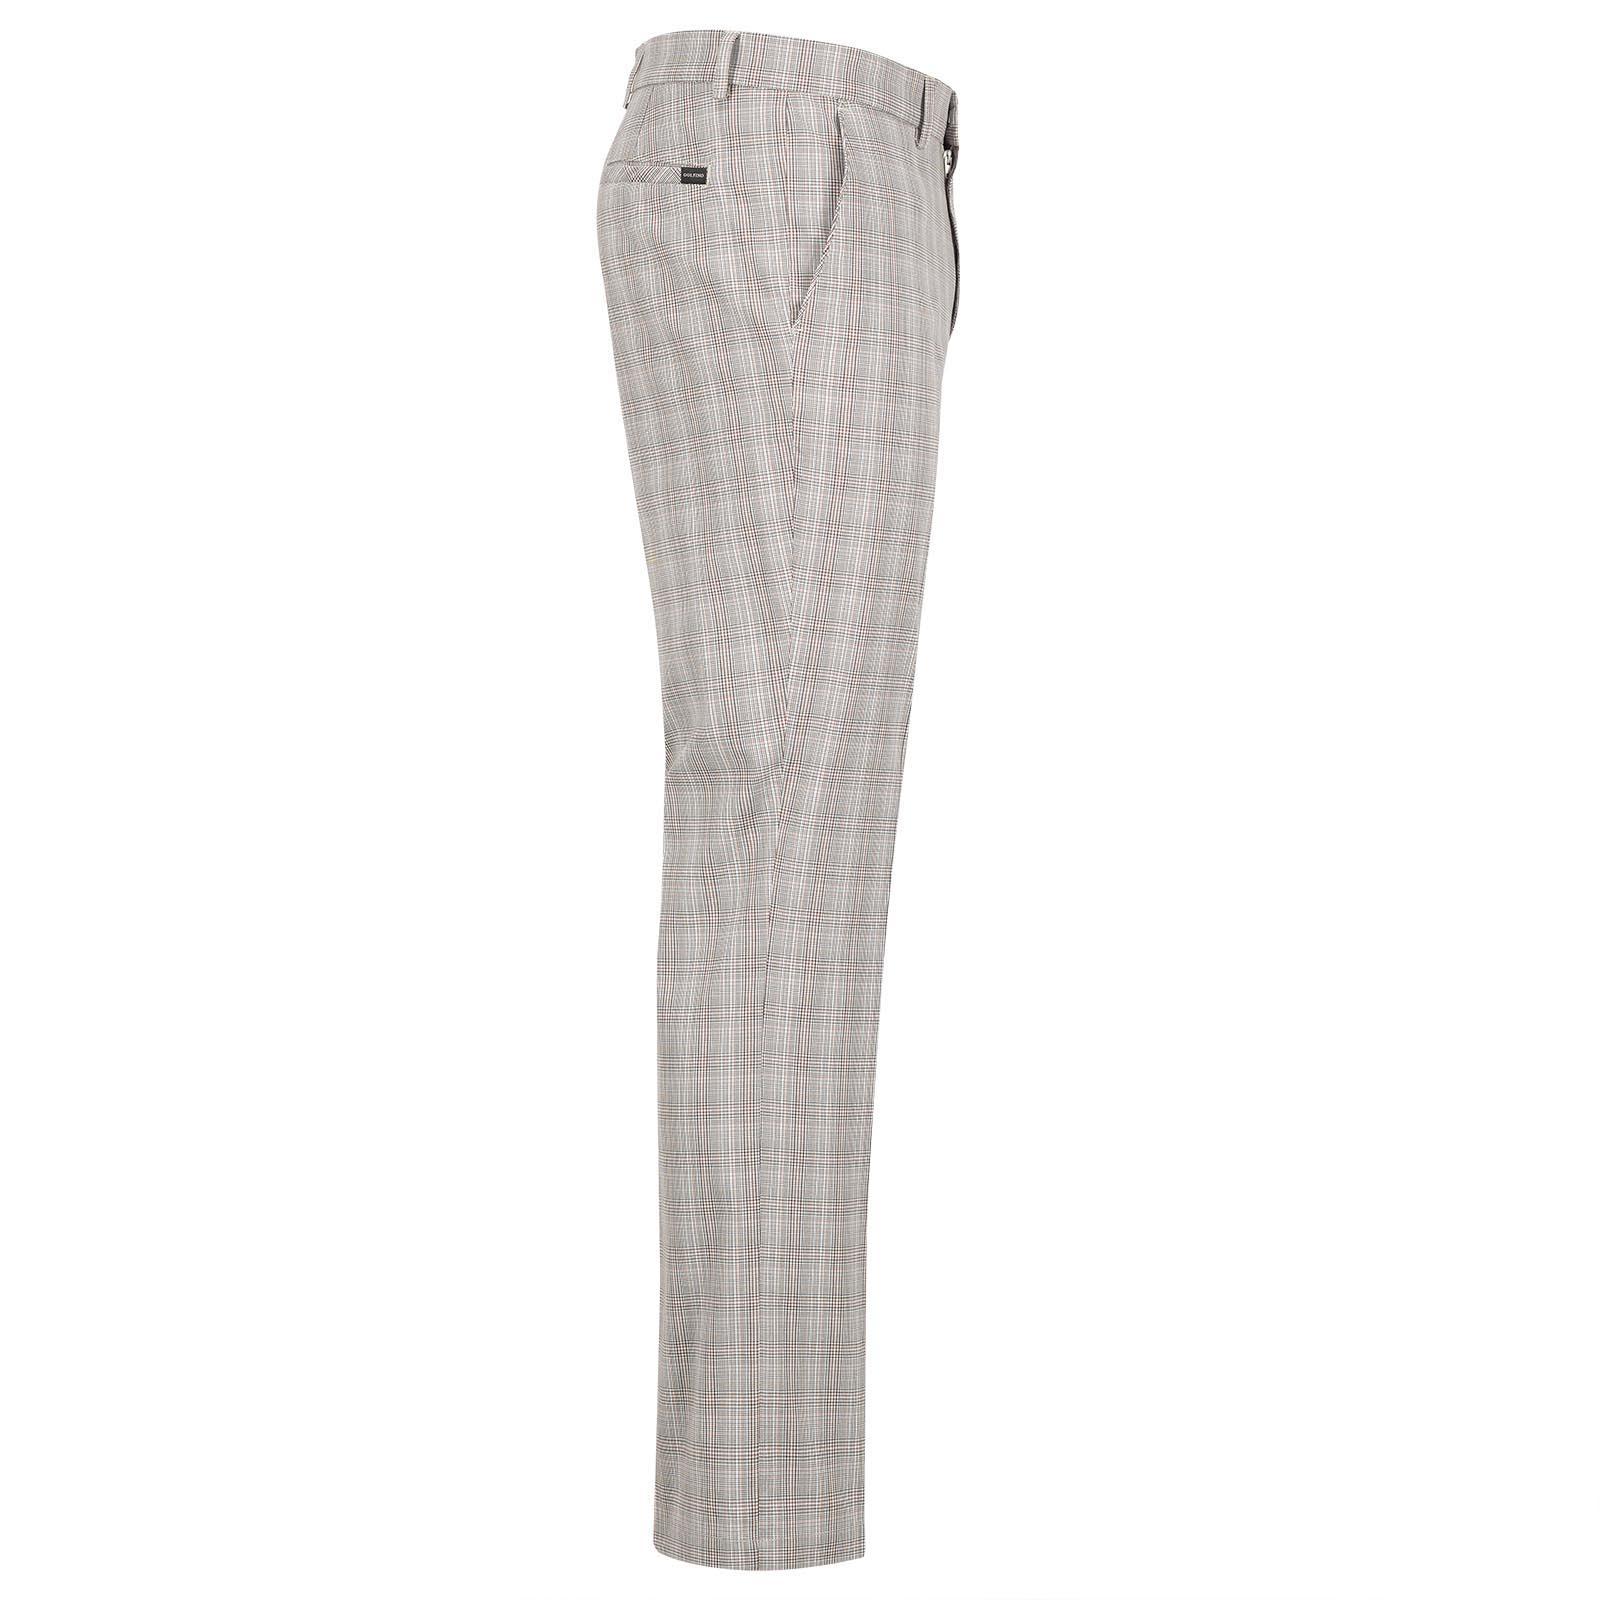 Herren Baumwoll-Mix Karo Stretch-Golfhose für einen klassischen Look